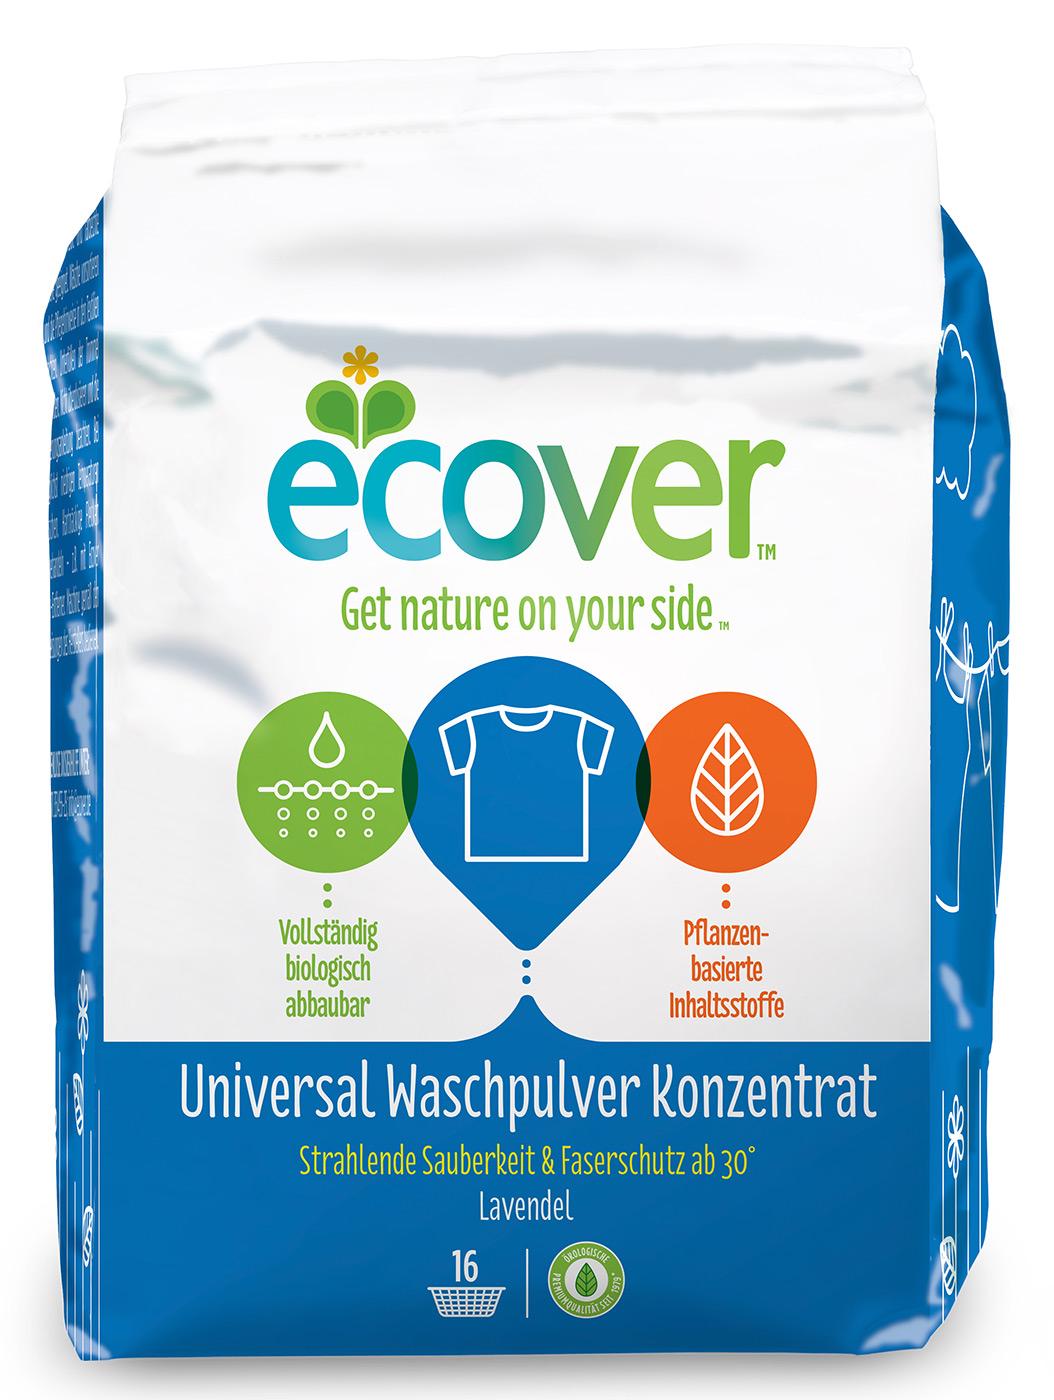 Universal Waschpulver Konzentrat